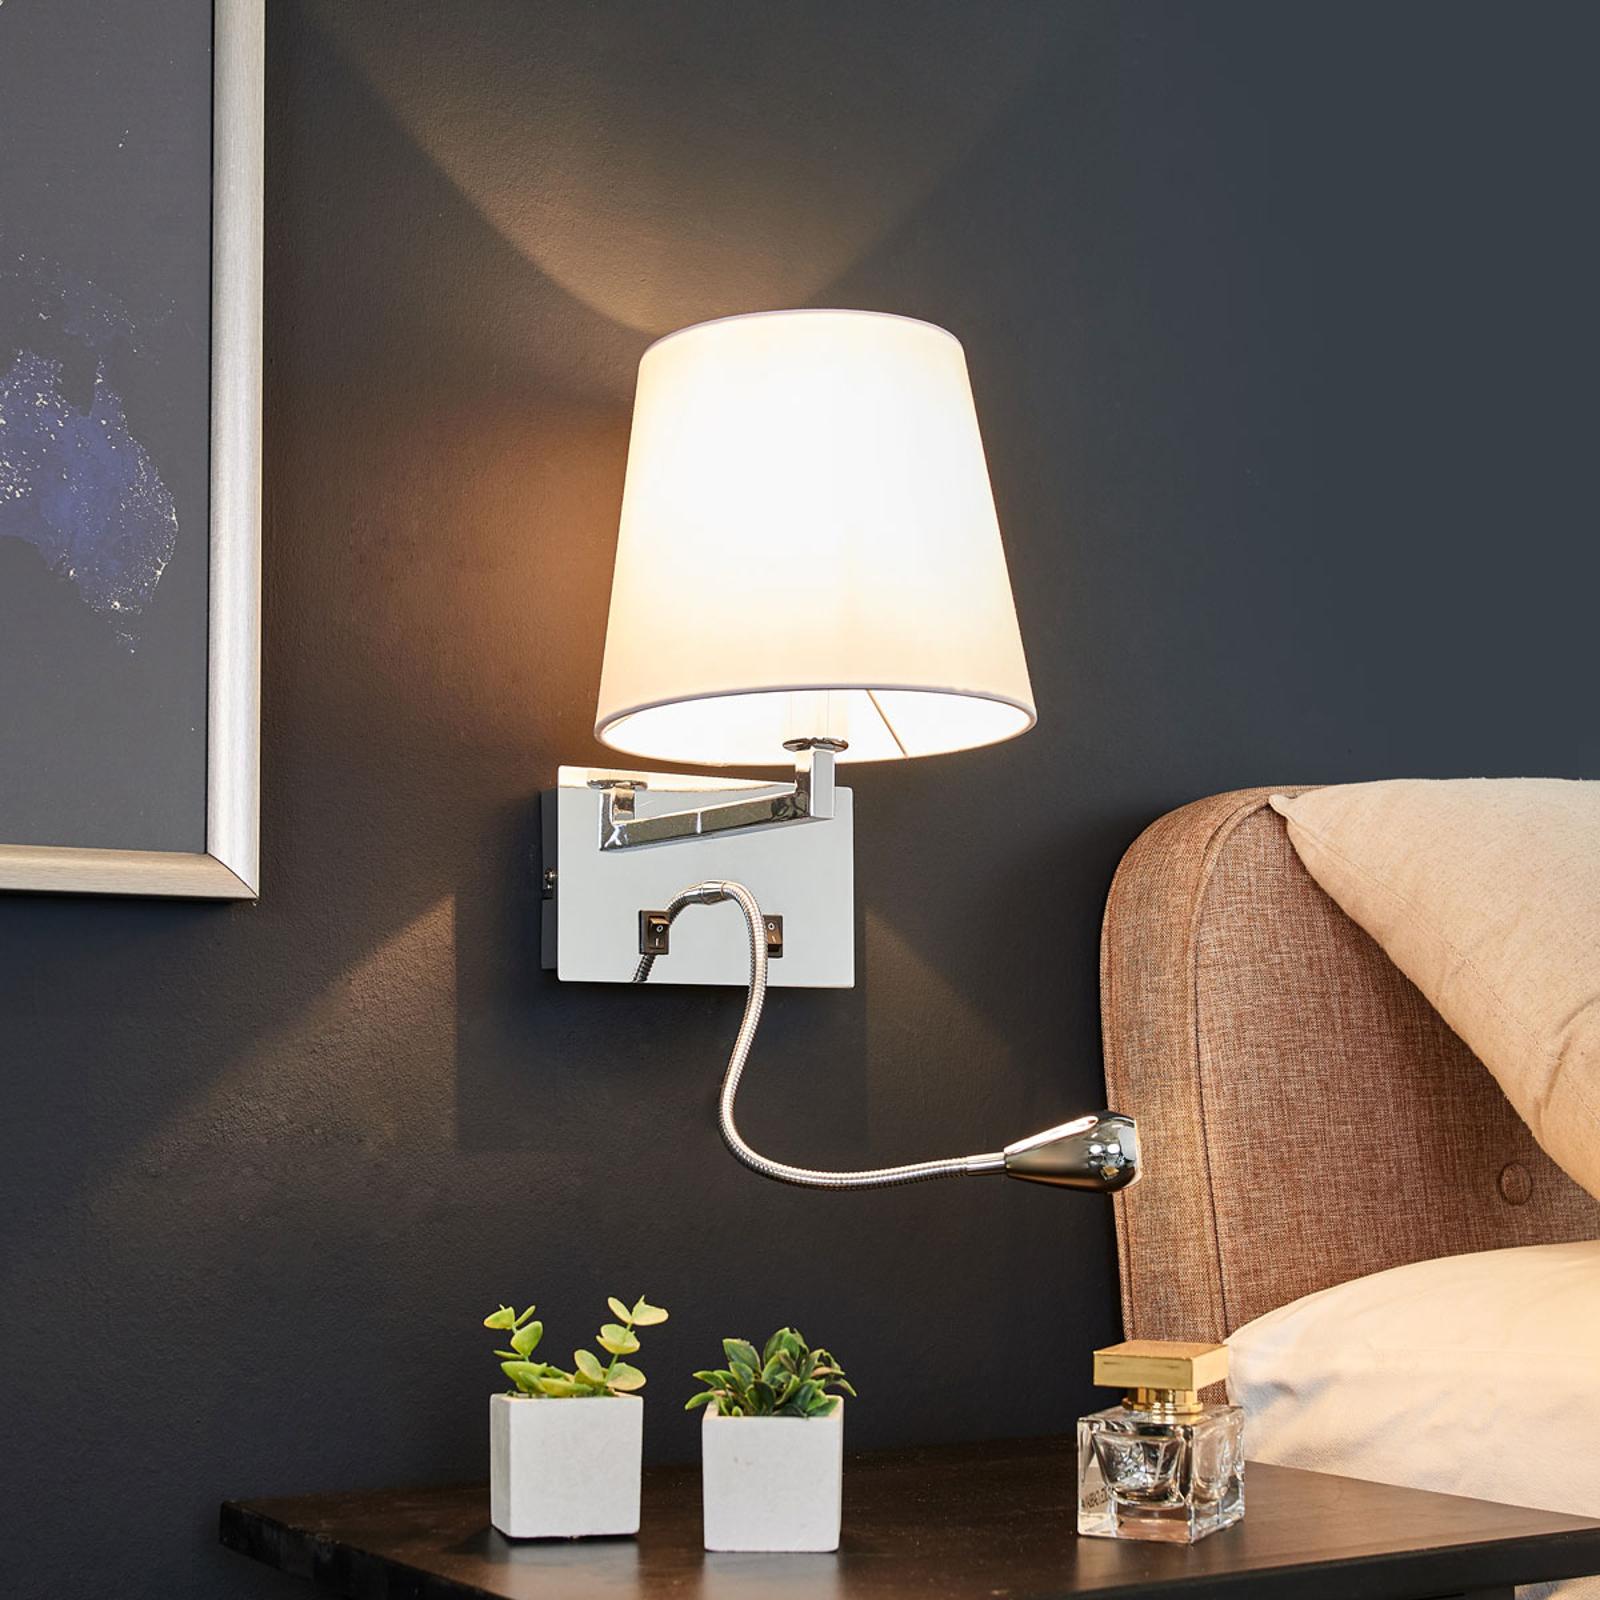 Florens textilvägglampa med LED läslampa | Lamp24.se